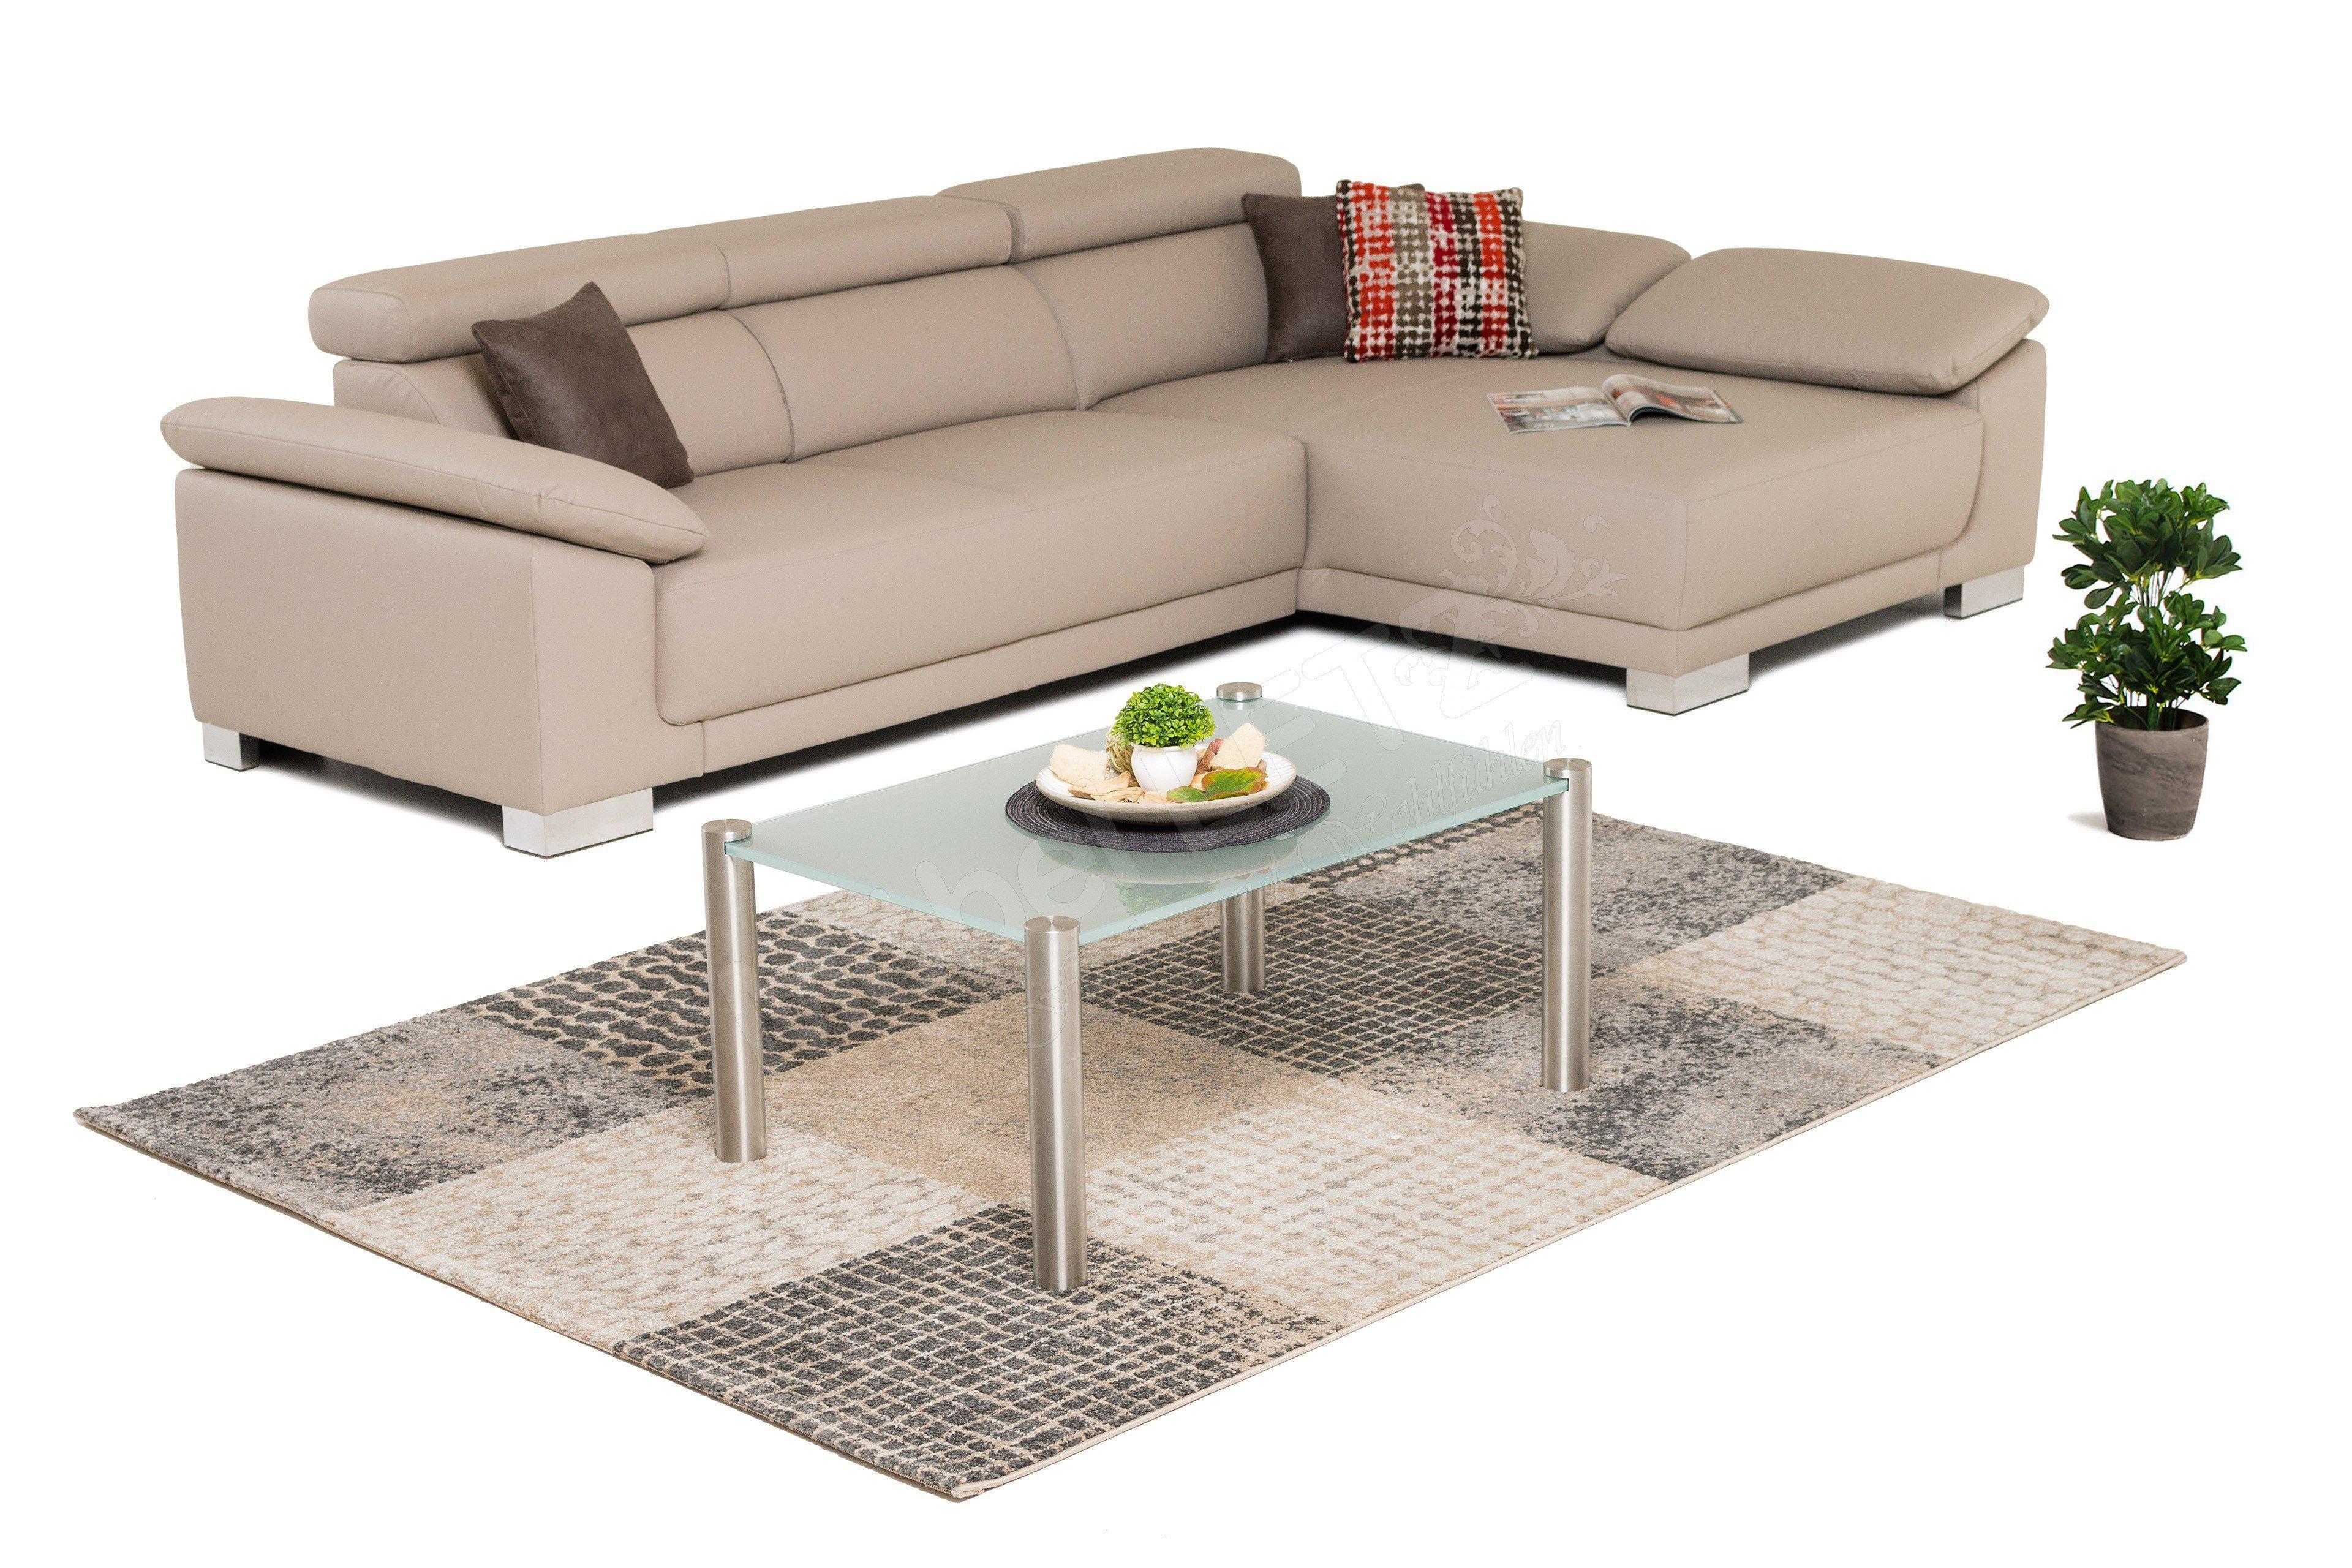 kollektion letz lysander eckgarniturin grau m bel letz. Black Bedroom Furniture Sets. Home Design Ideas